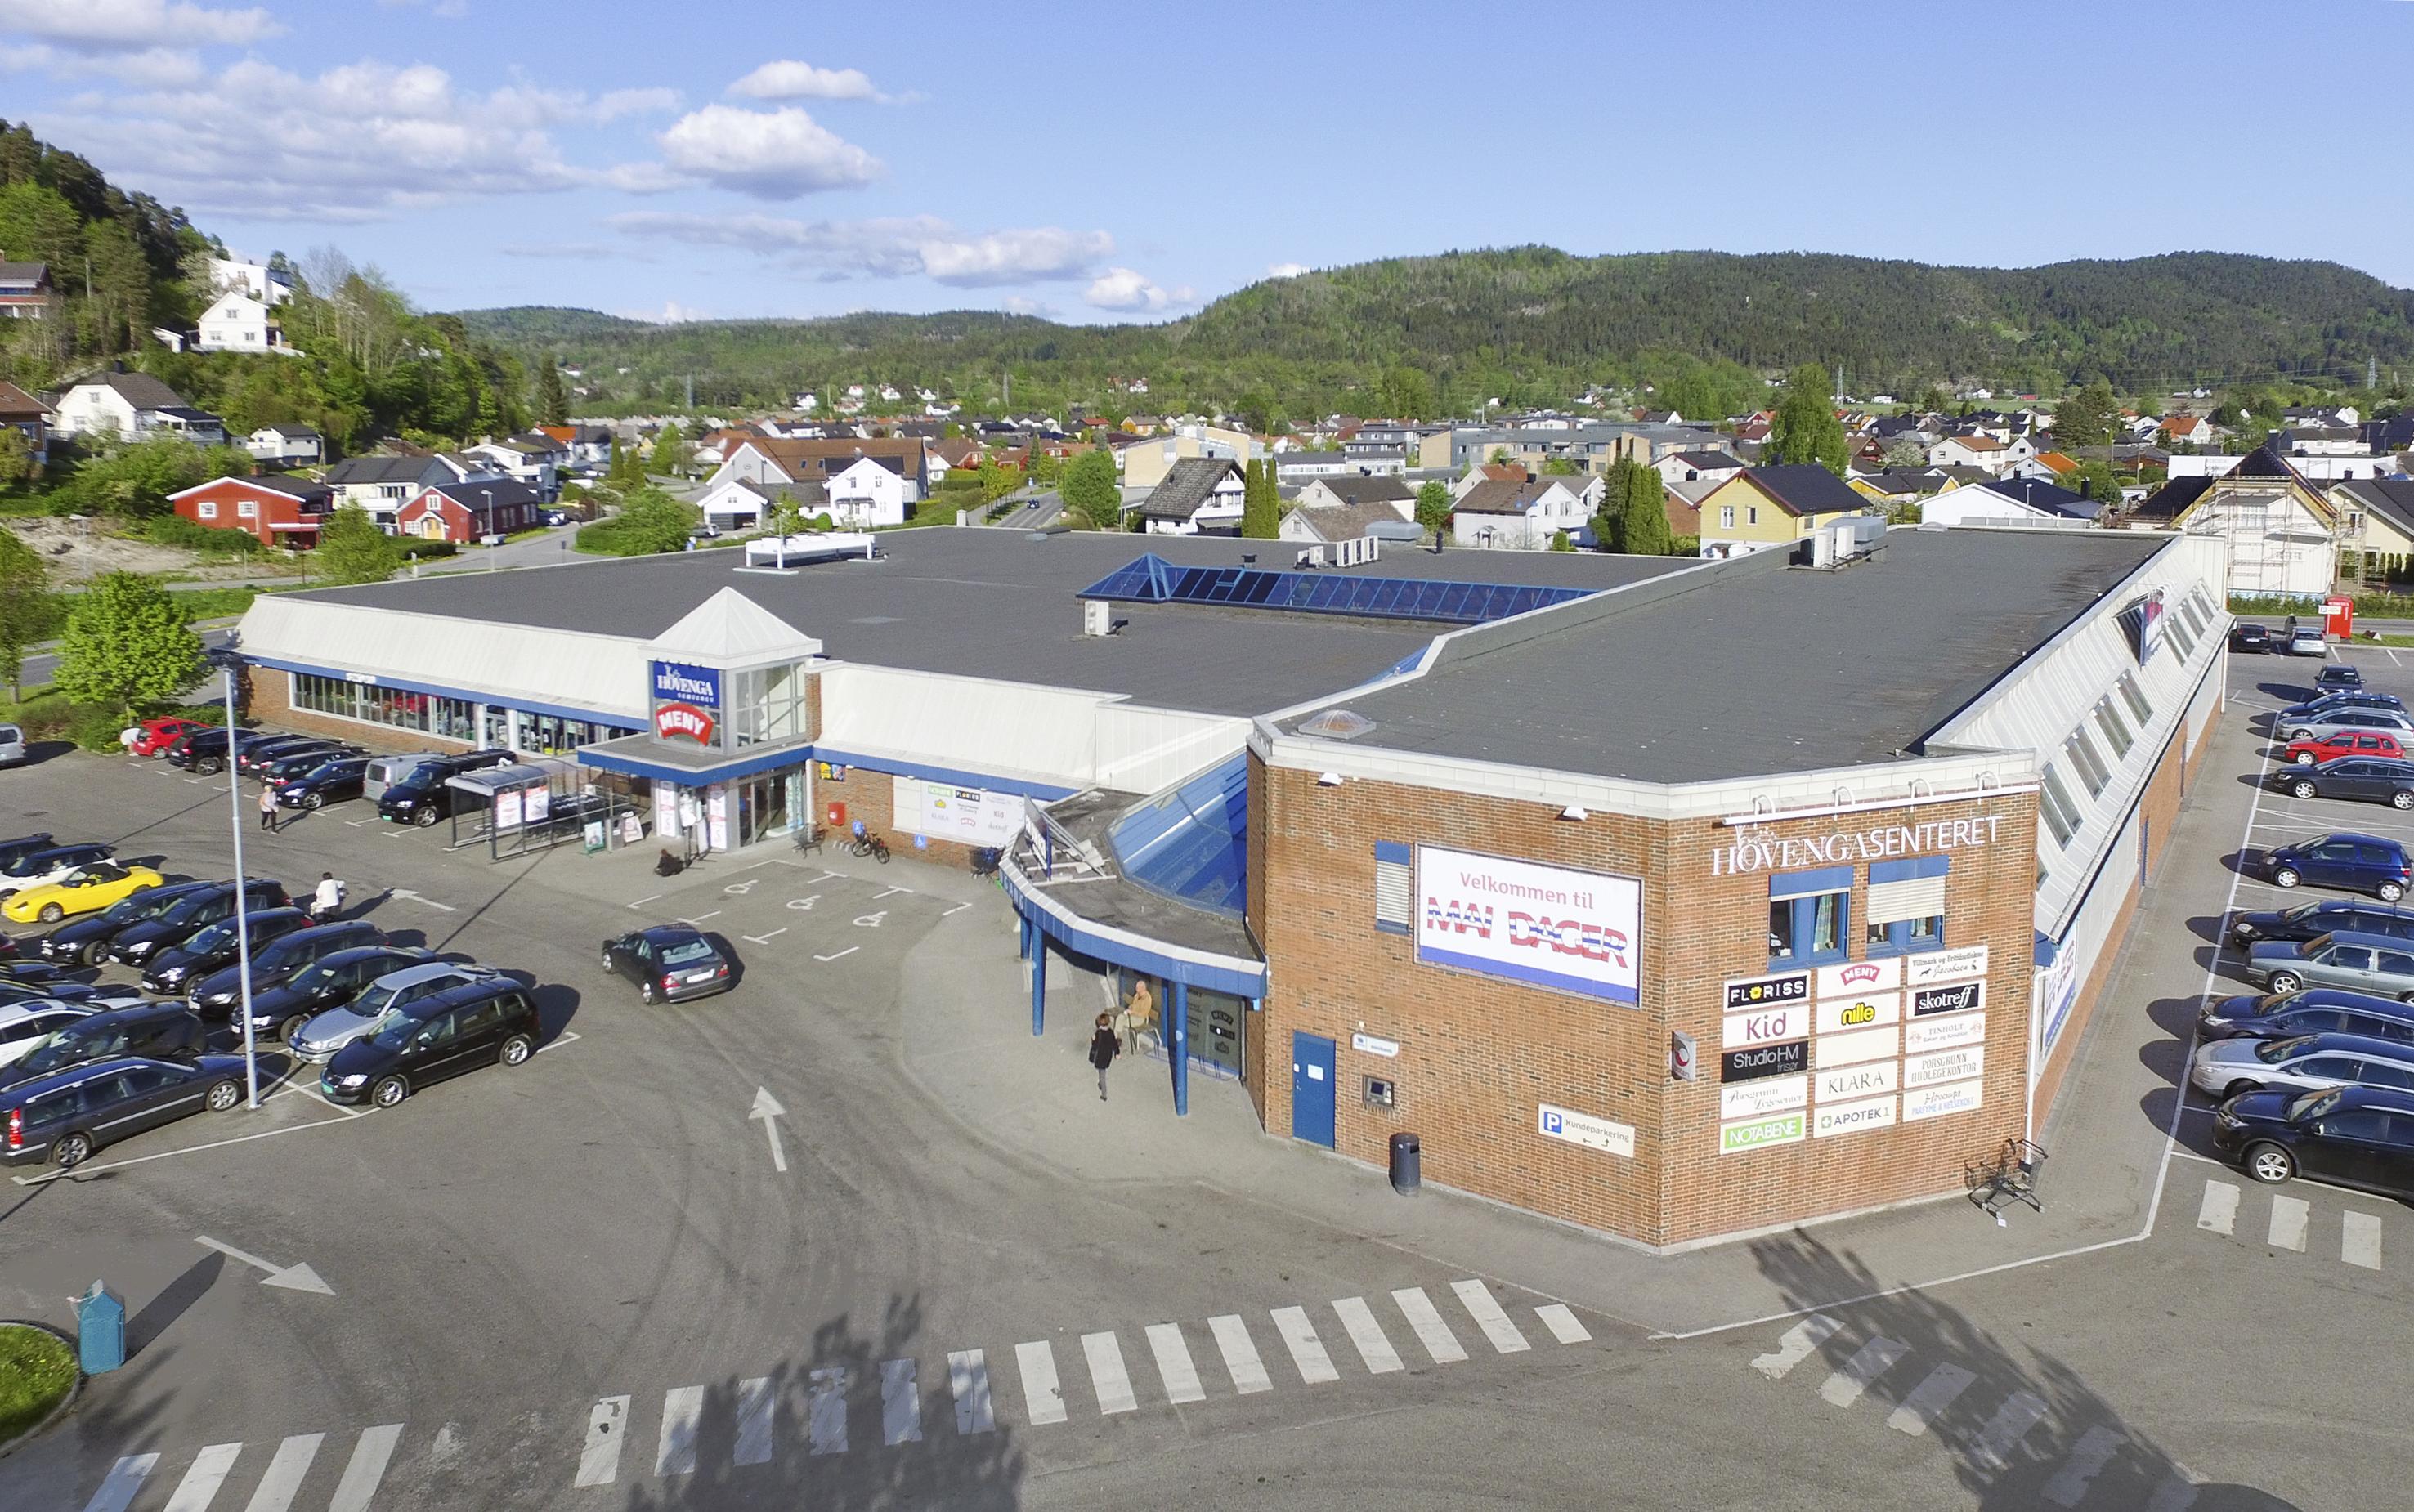 Skotreff på Hovengasenteret i Porsgrunn